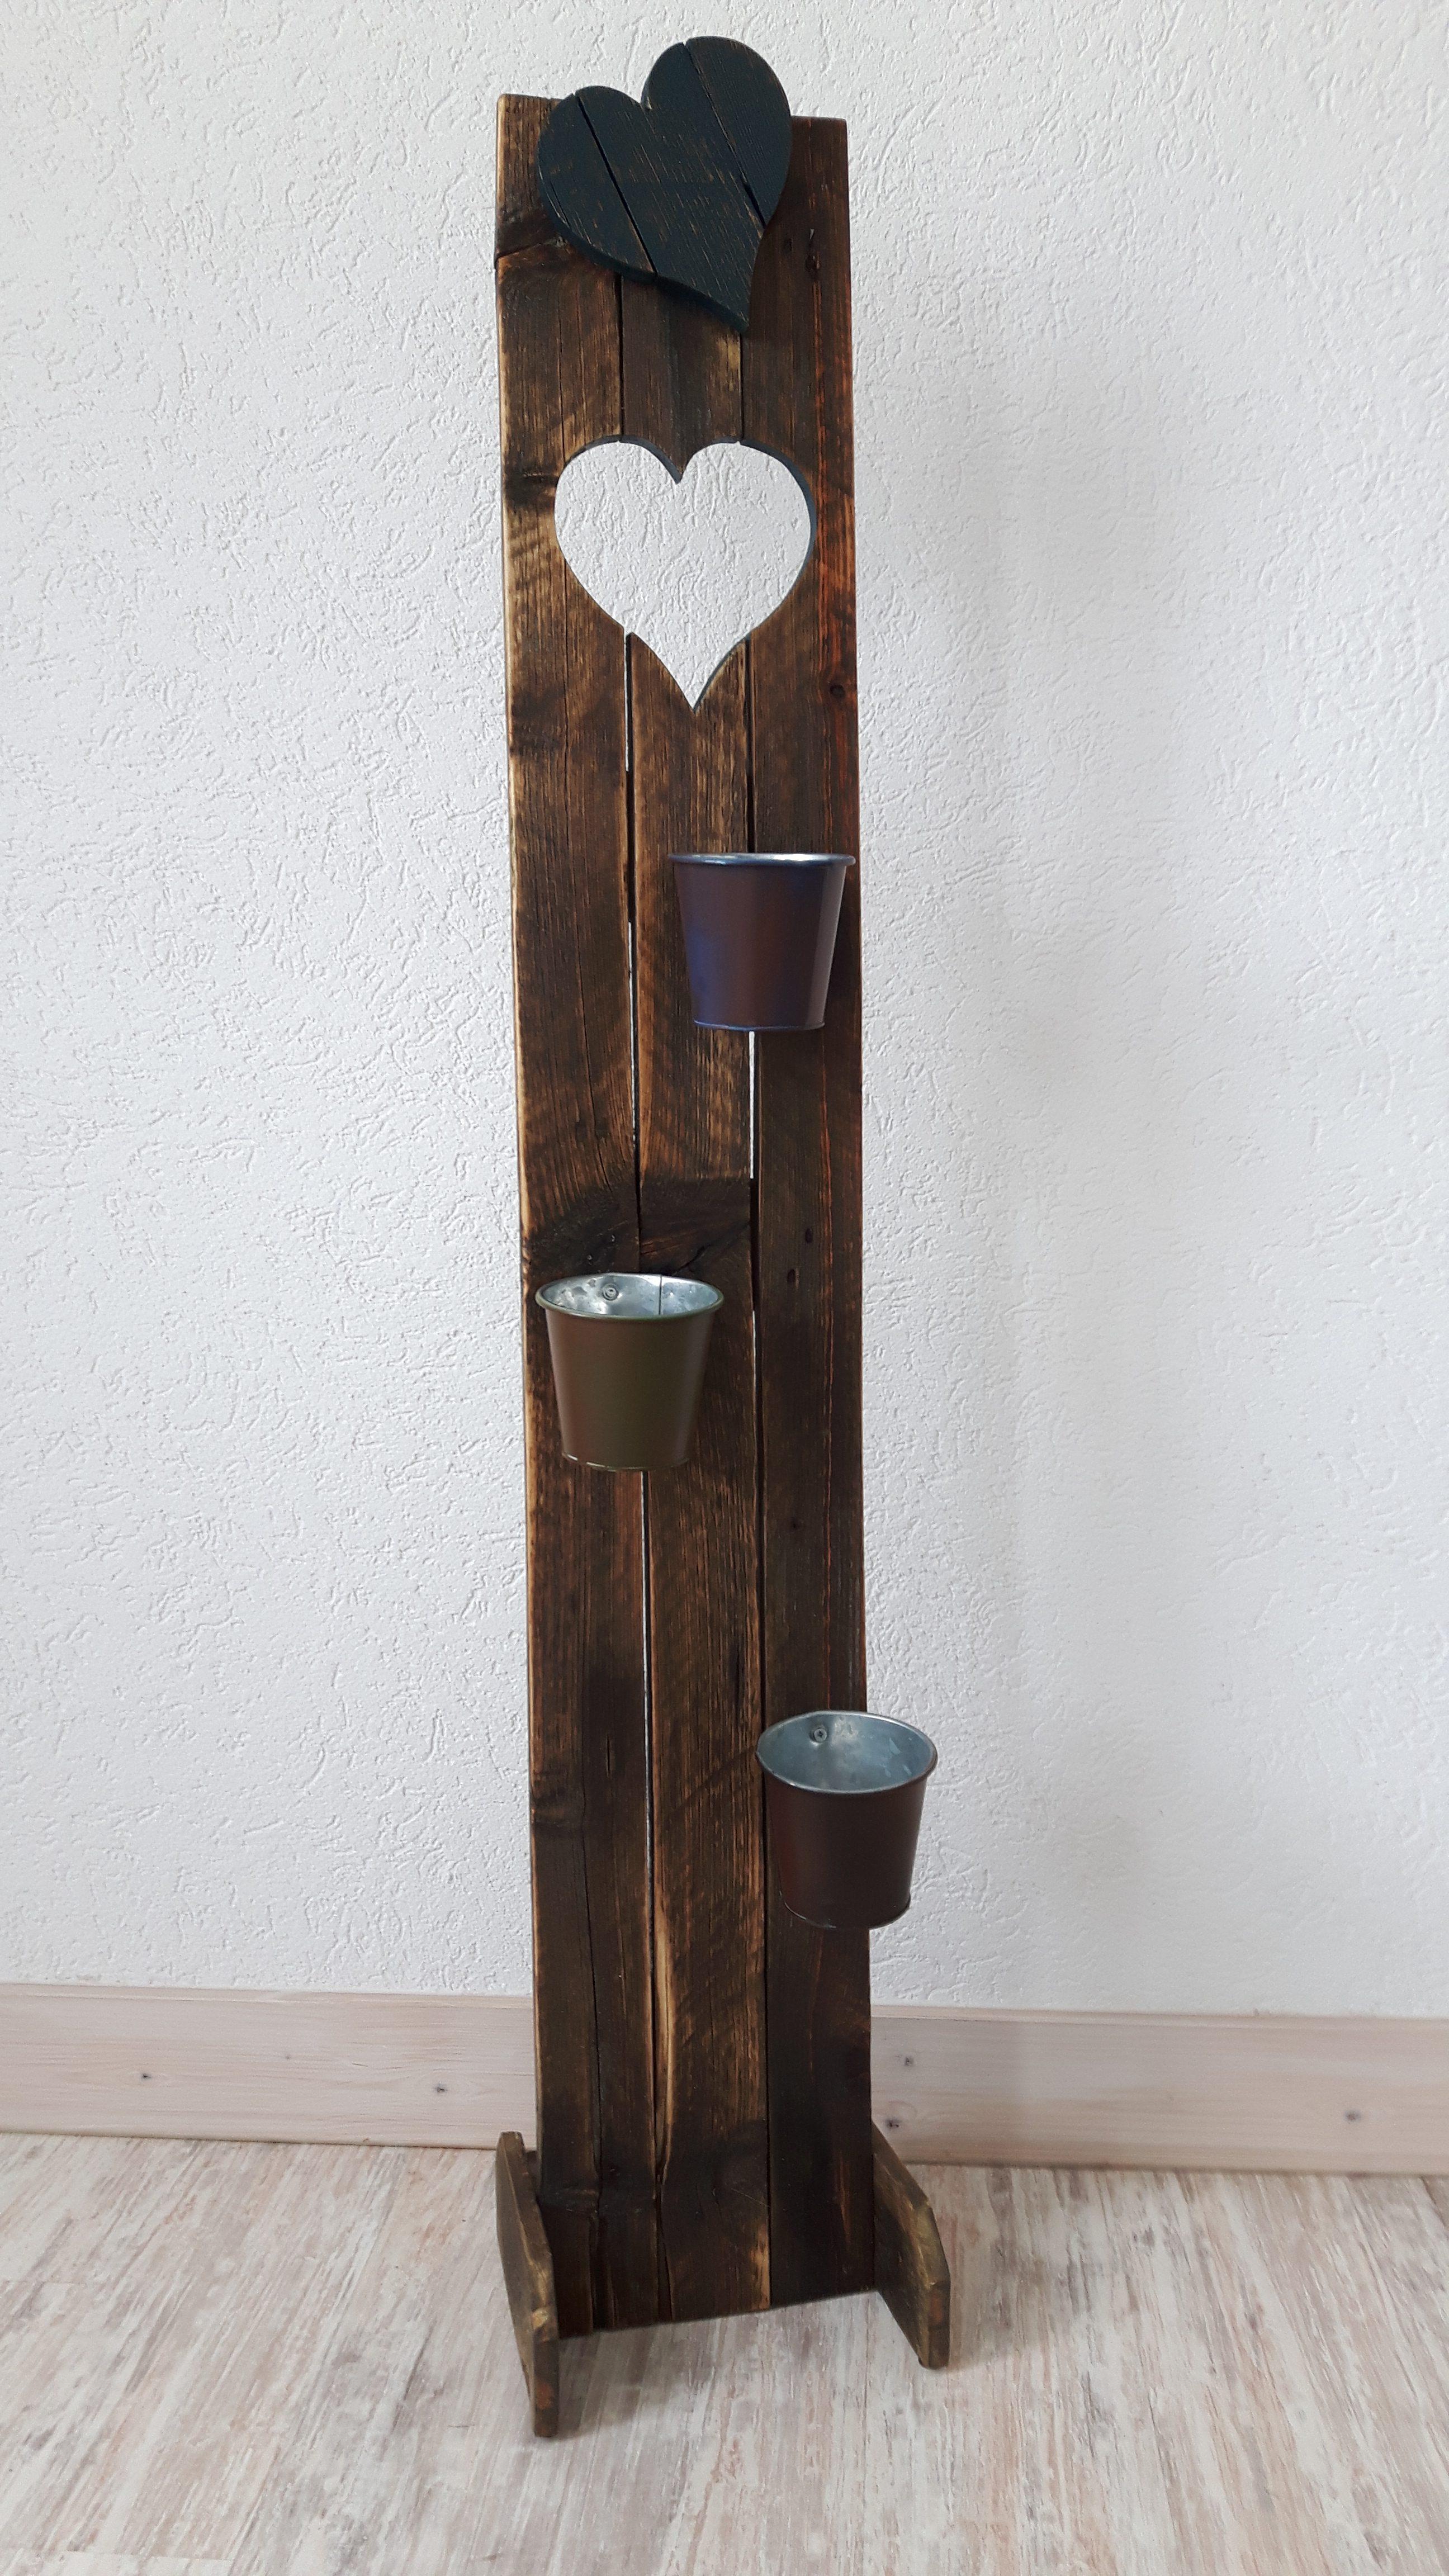 verschiedene aufsteller aus altholz f r pflanzen woodart by b. Black Bedroom Furniture Sets. Home Design Ideas